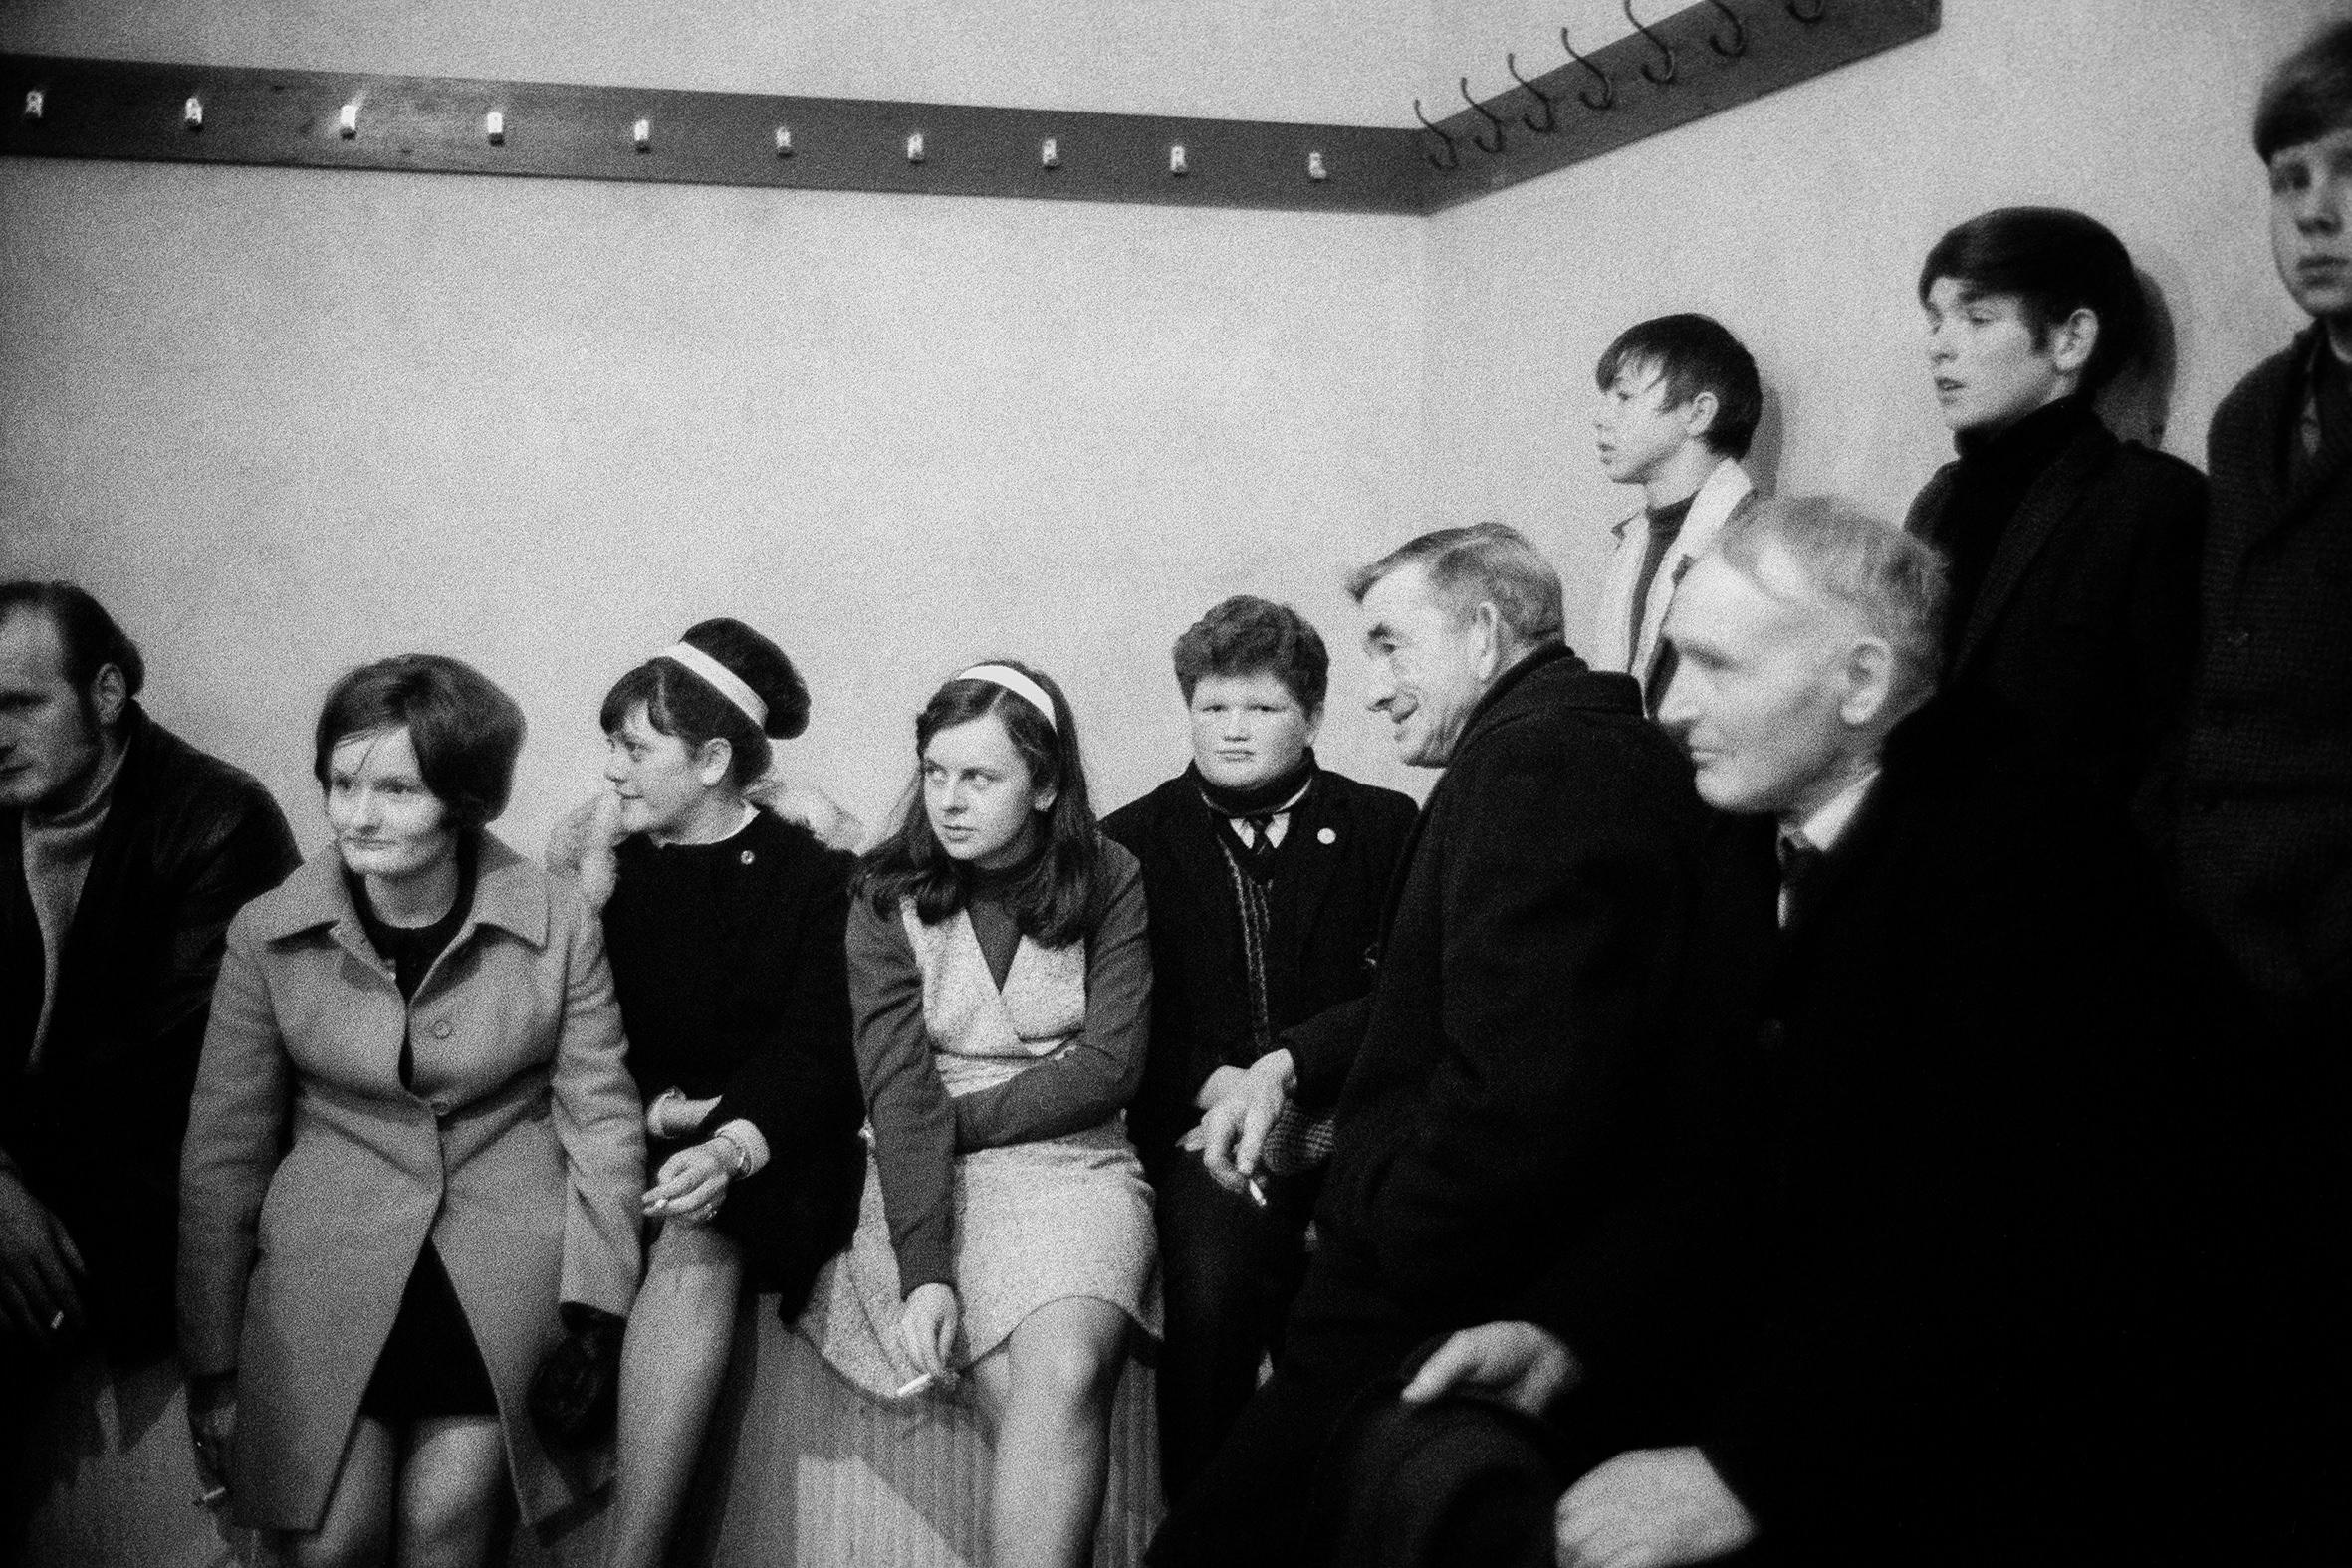 IRLANDA - 4 – Bernadette Devlin a un meeting cattolico, Londonderry, 1968